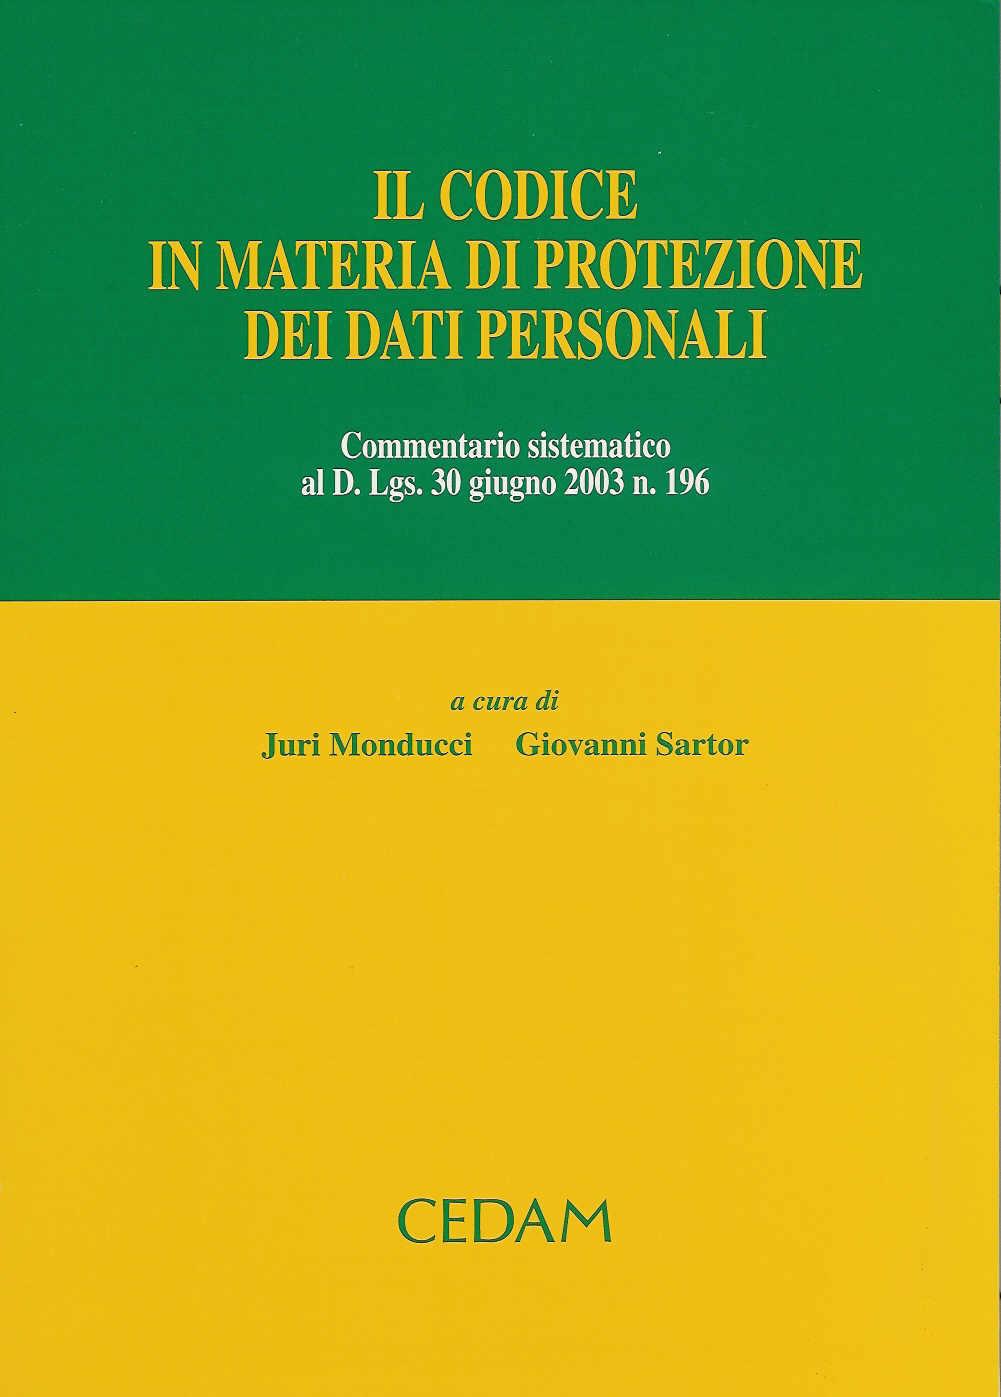 Il codice in materia di protezione dei dati personali